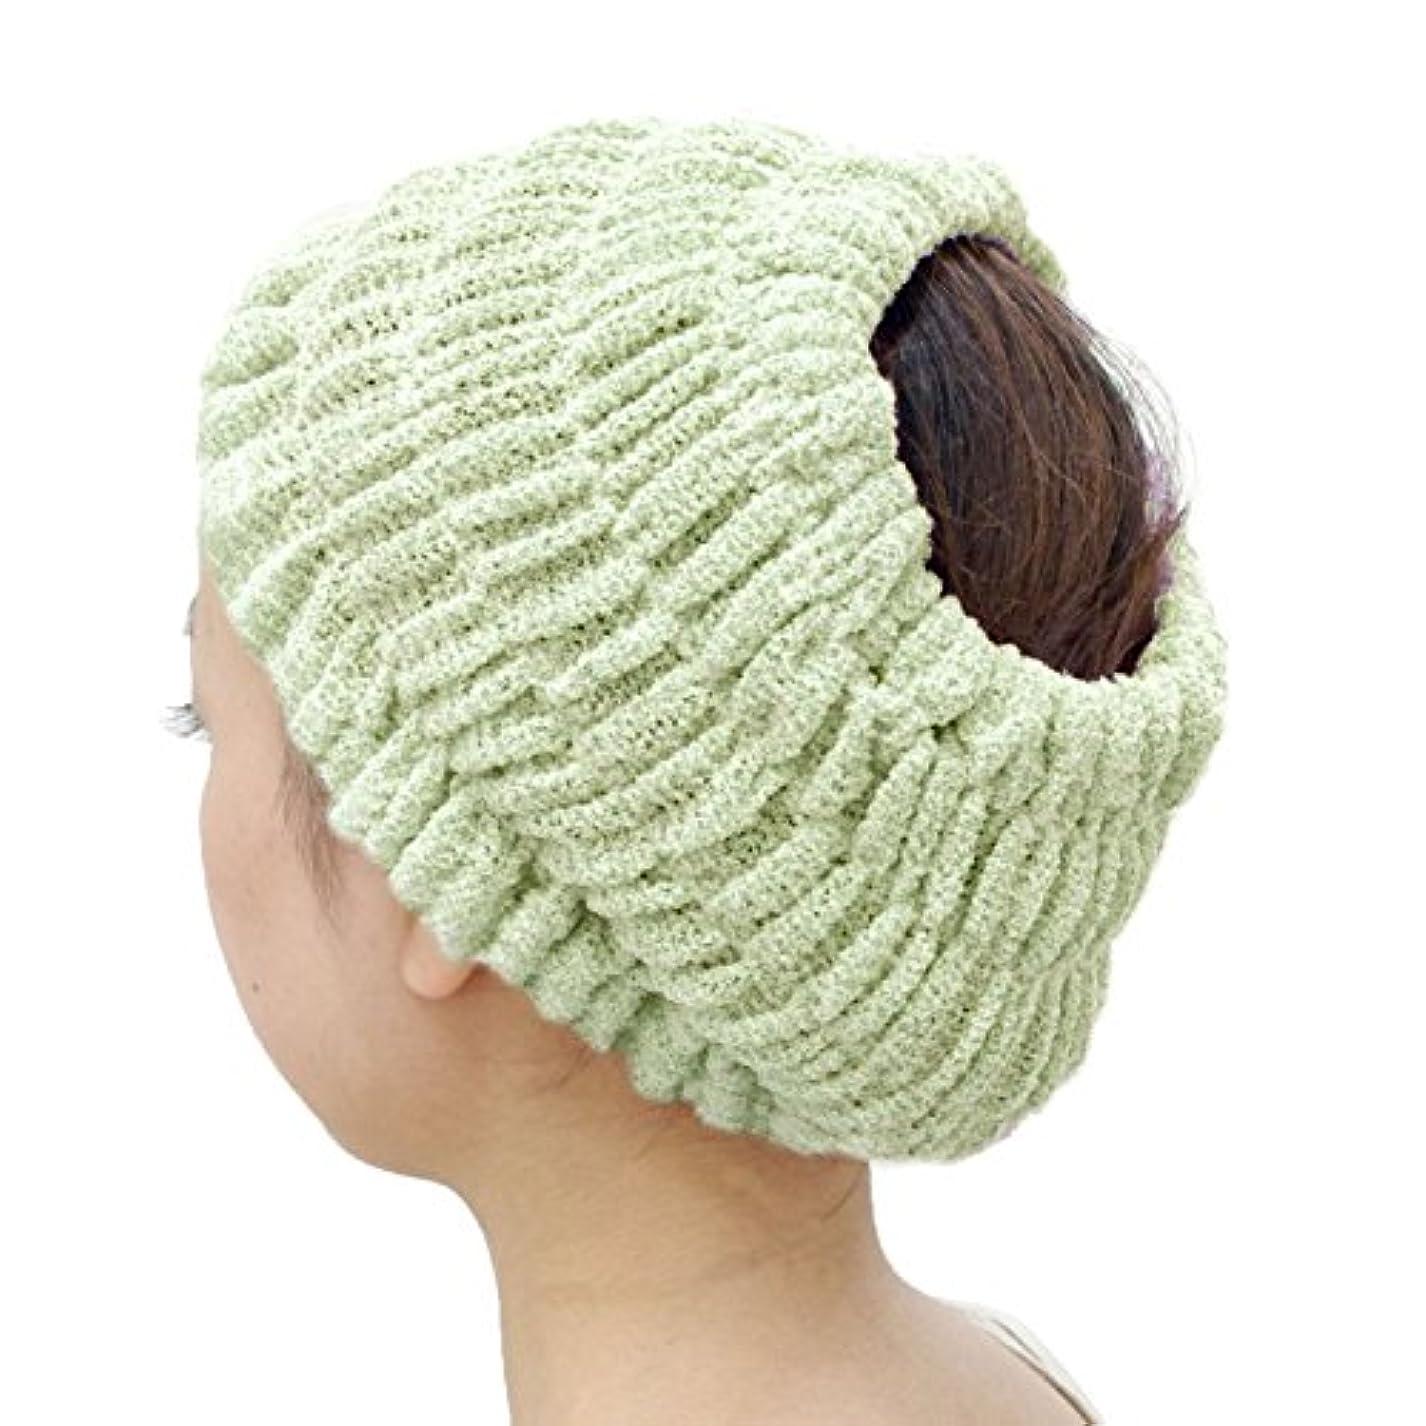 考えるジャケットメロディアスオカ(OKA) プリスベイス エピ 乾きやすいバスヘアターバン グリーン フリーサイズ PLYS base epi(ターバン ヘアバンド 髪留め)